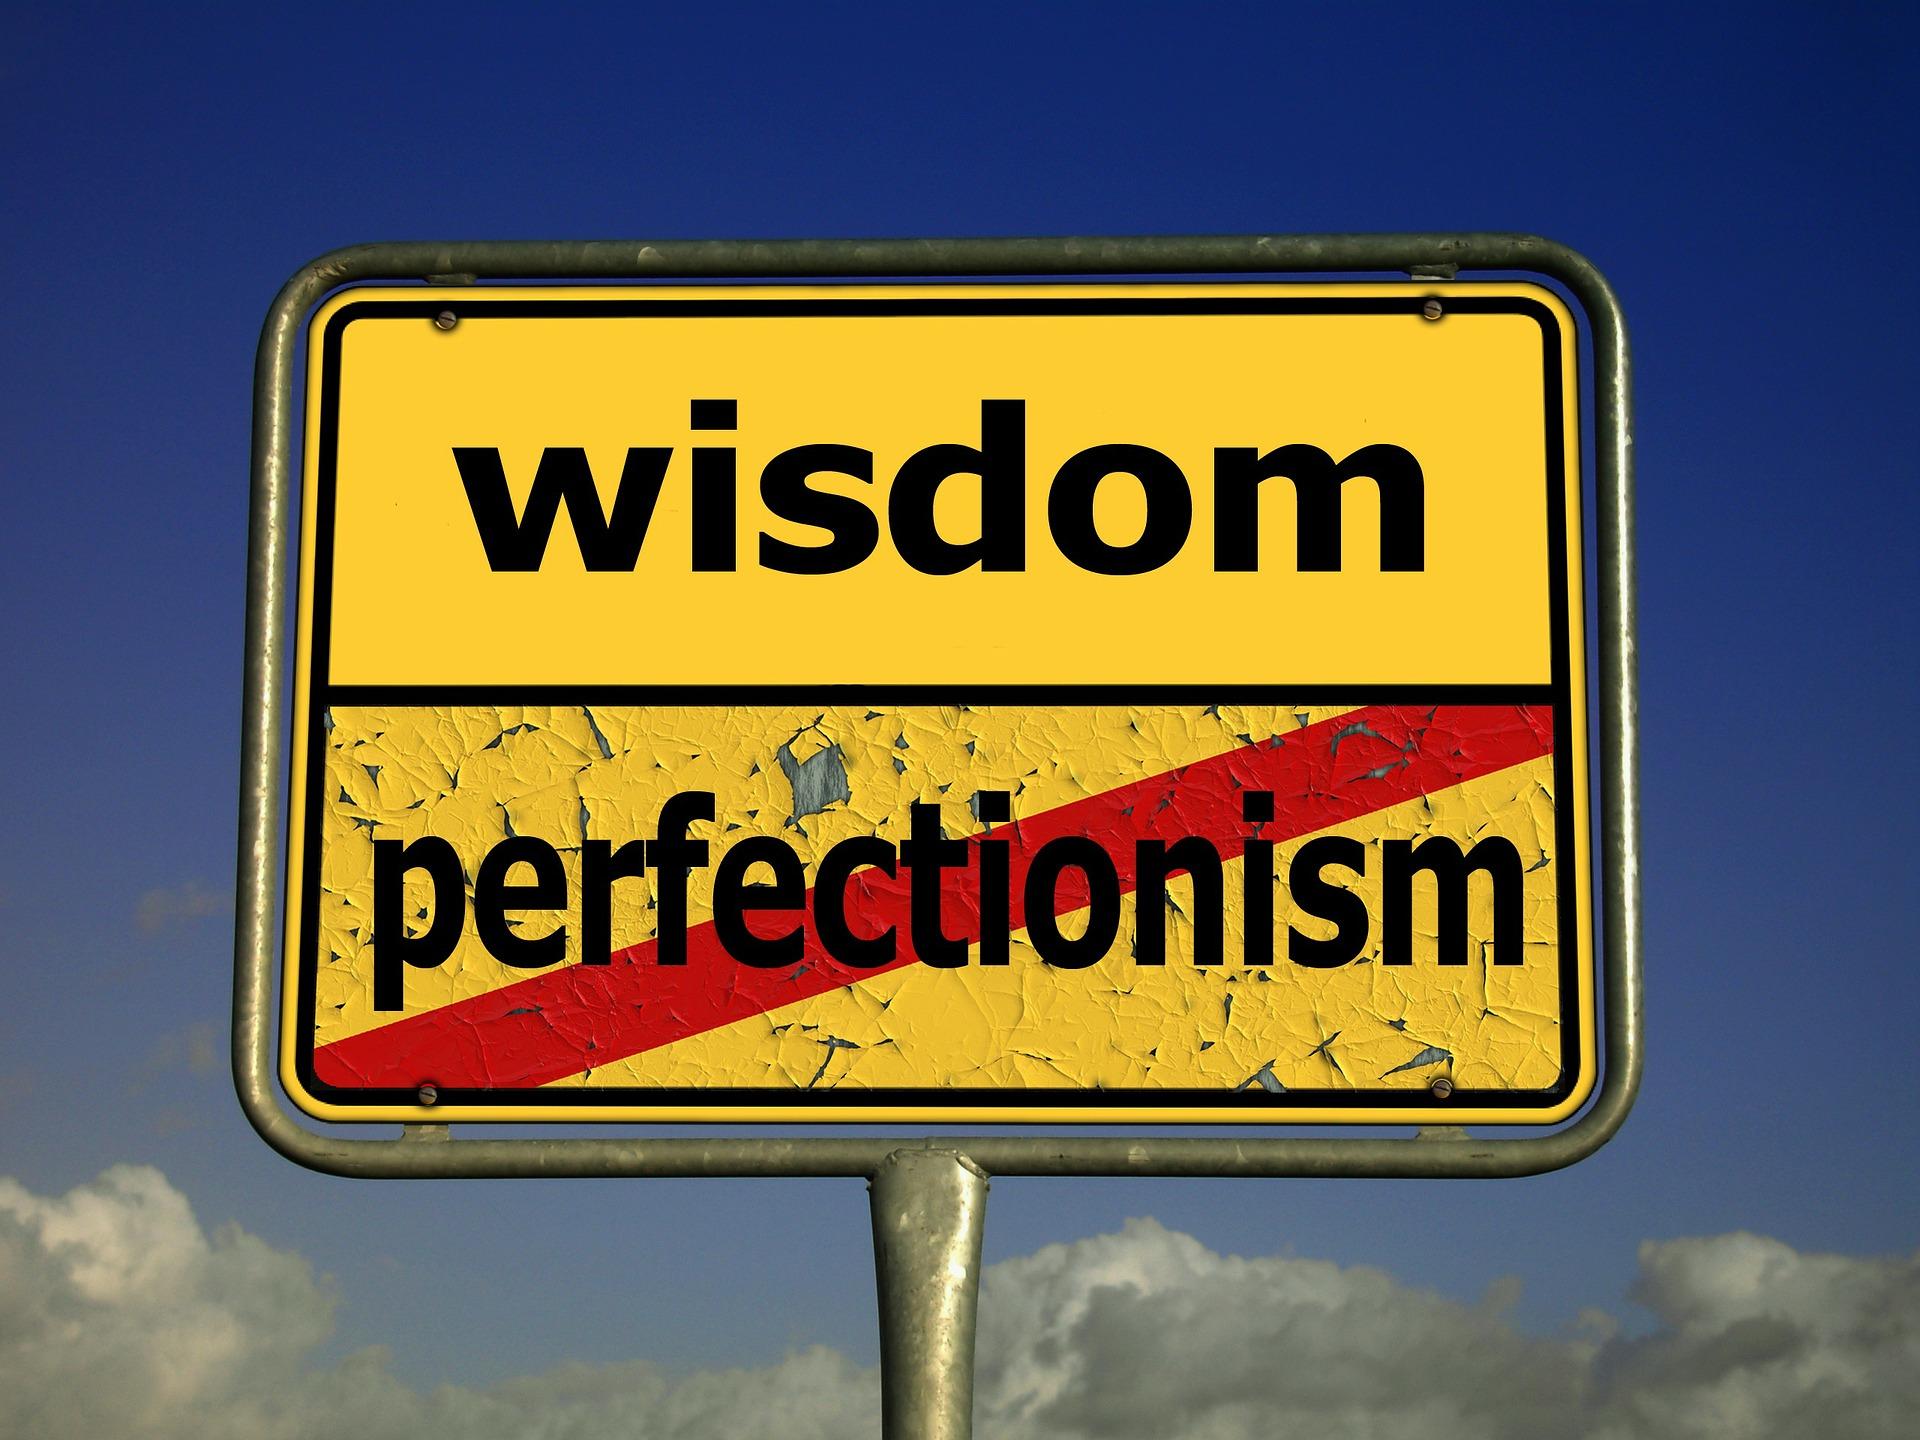 oznaka wisdom i perfectionism